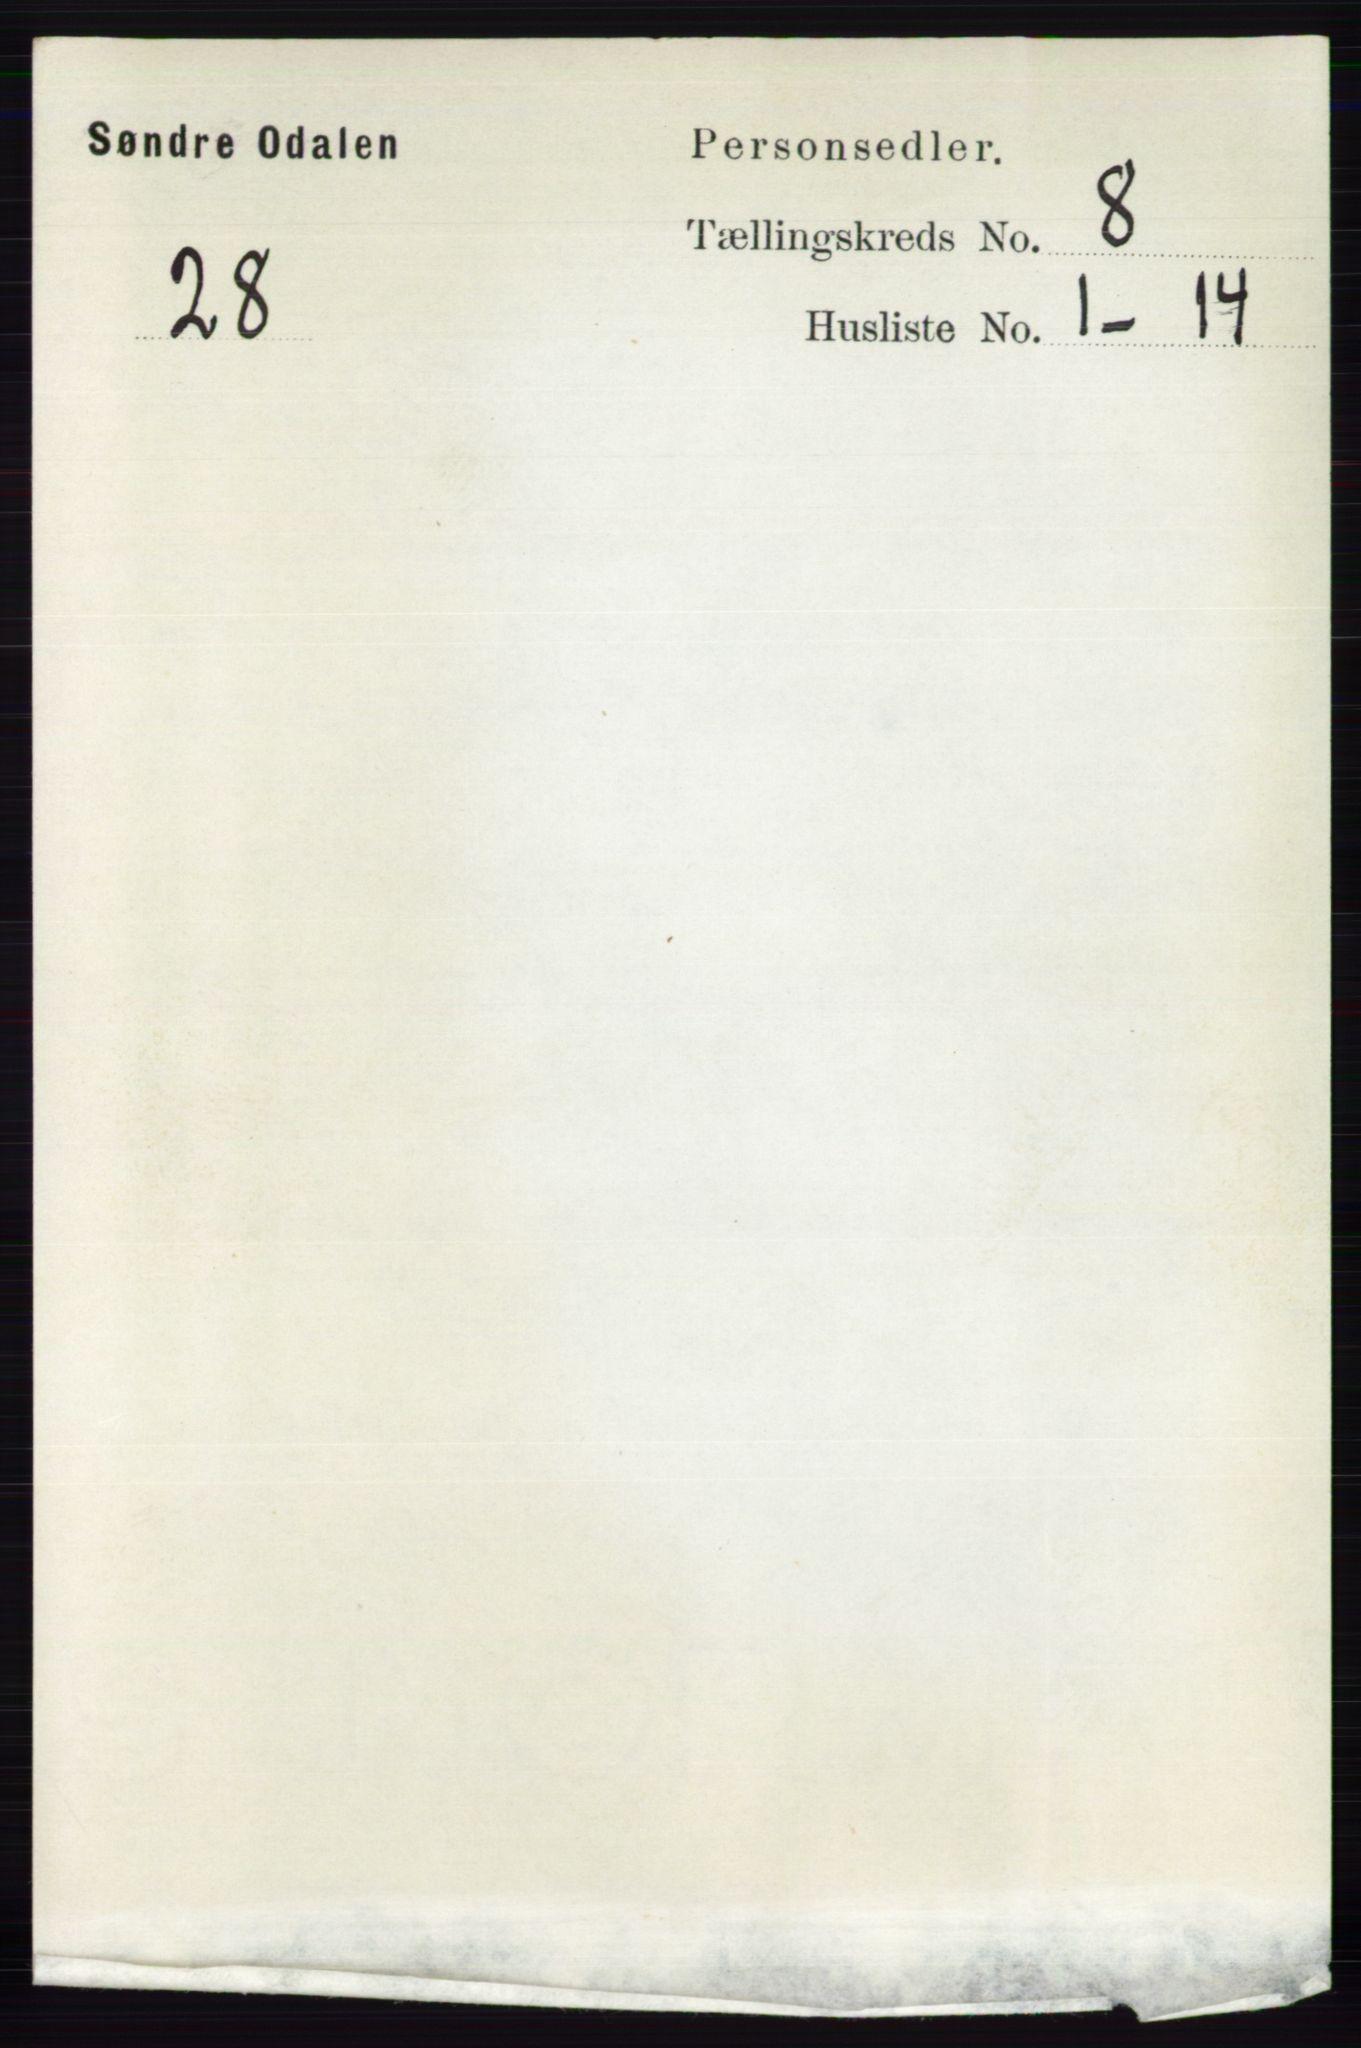 RA, Folketelling 1891 for 0419 Sør-Odal herred, 1891, s. 3976